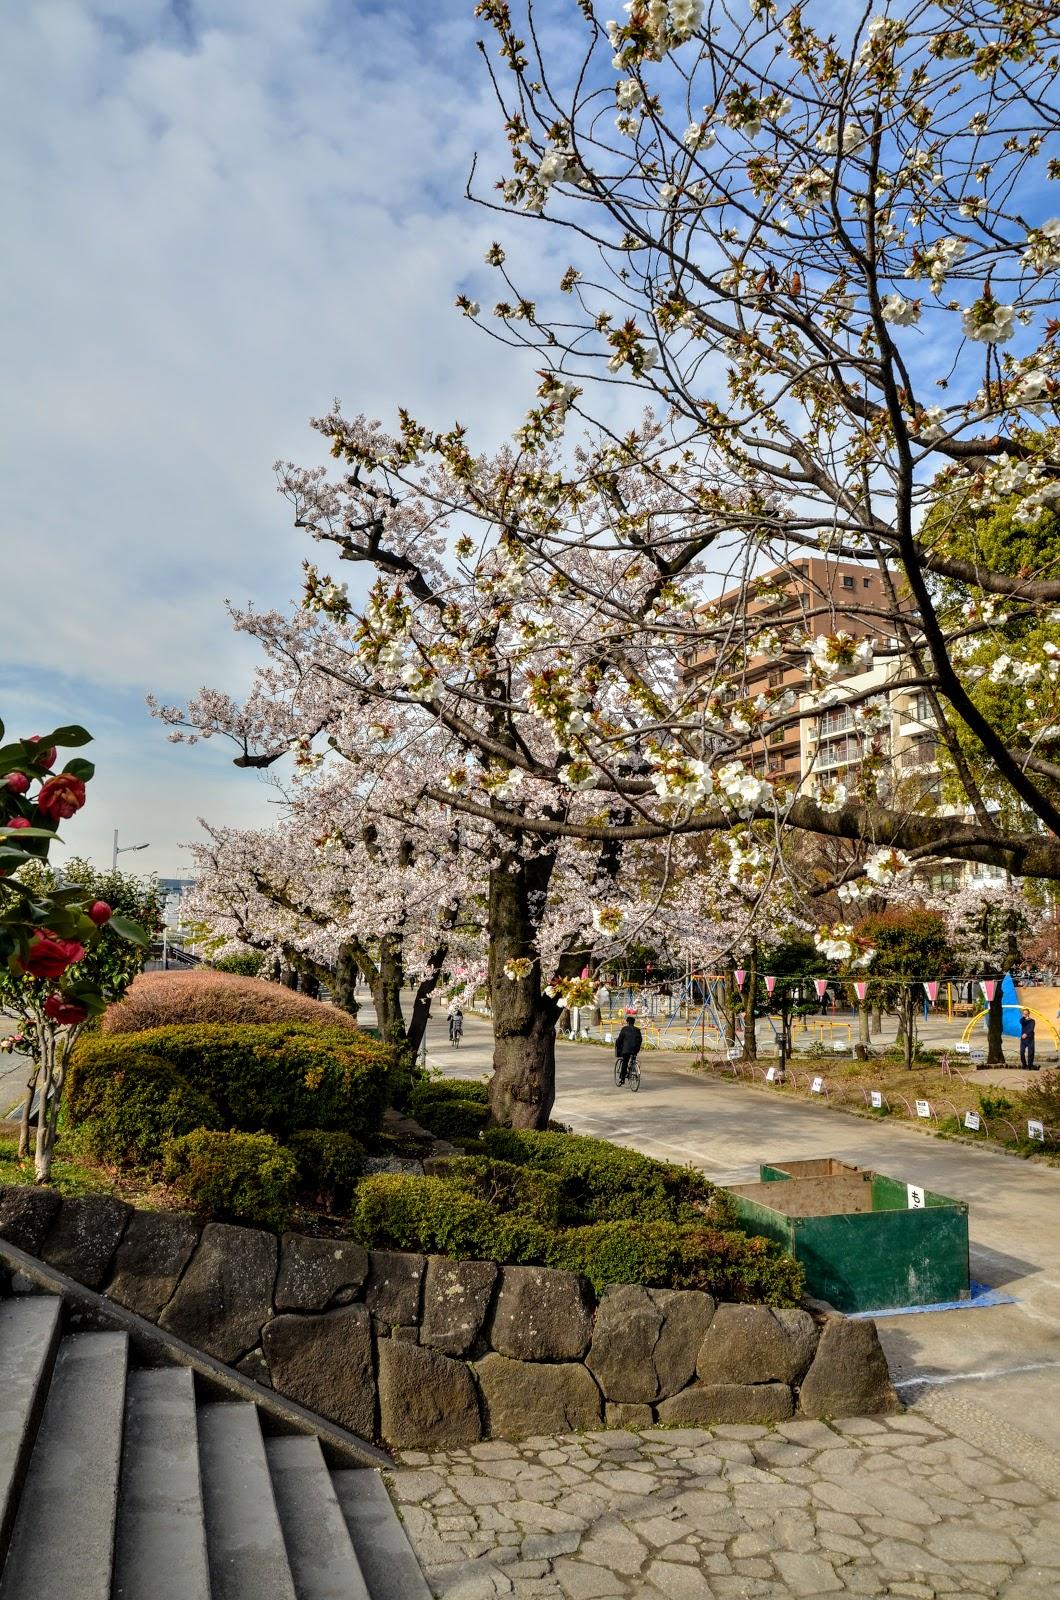 Весенний ленивый забег в погоне за сакурой с юга на север.  Сакура, солнце и немного удачи. 15 дней.  Апрель 2019.